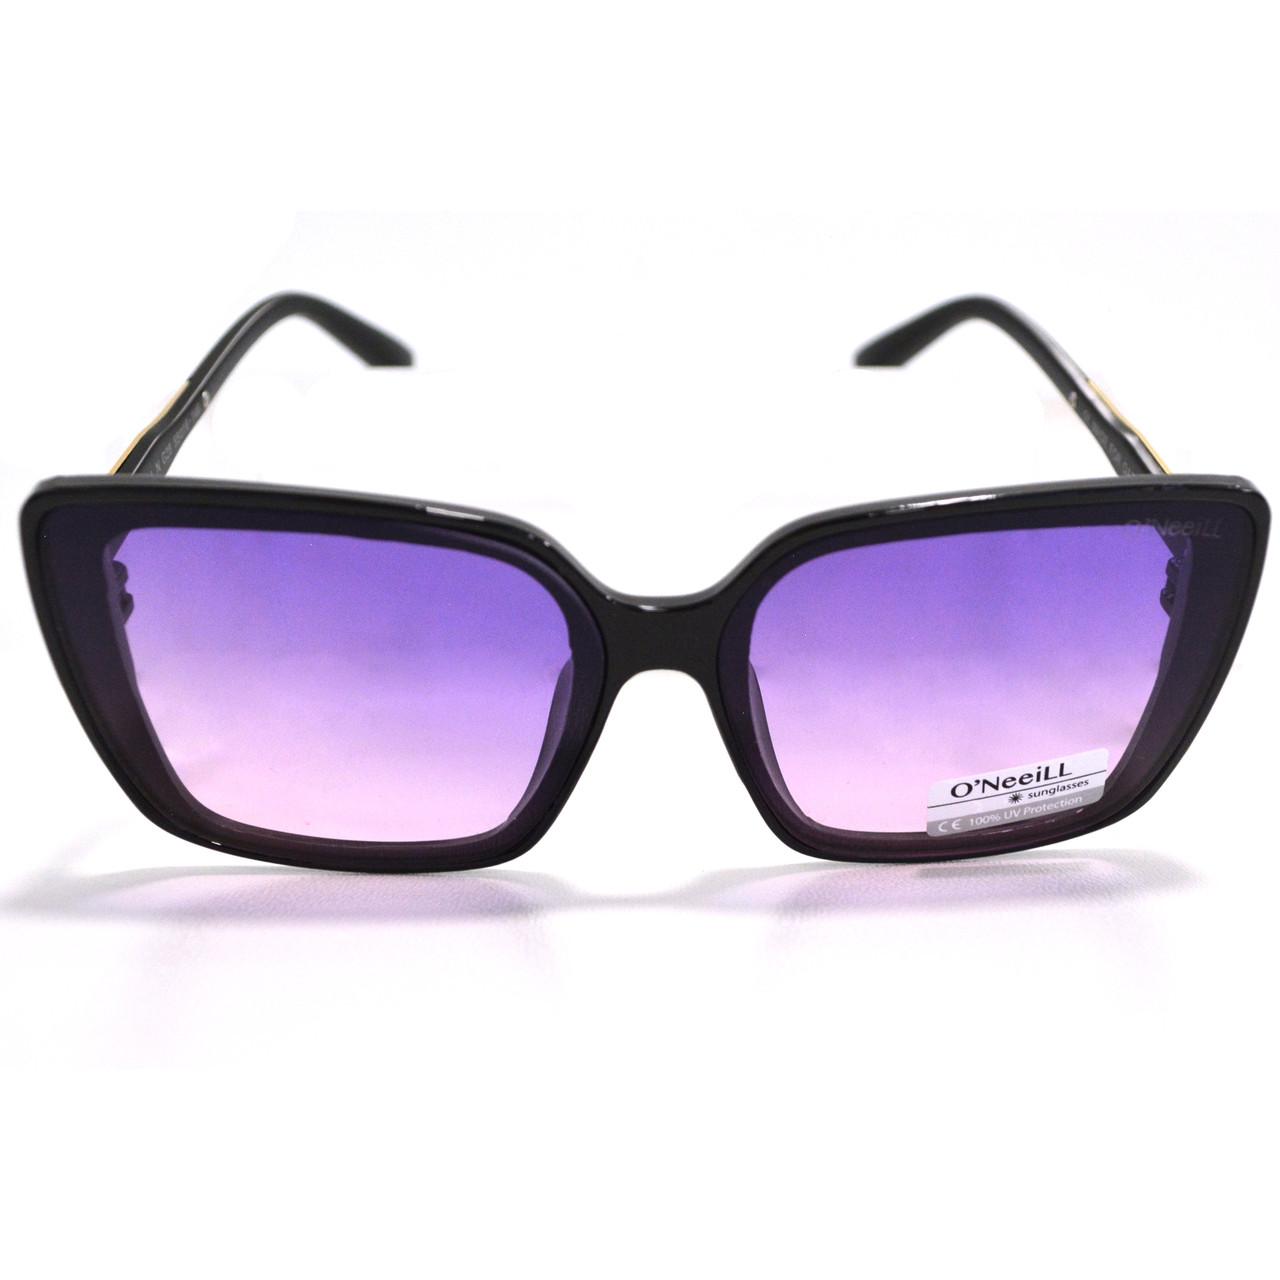 Солнцезащитные очки с фиолетовыми стеклами с узором на дужке UV 400 O'NeeiLL N G 28 черные - фото 10